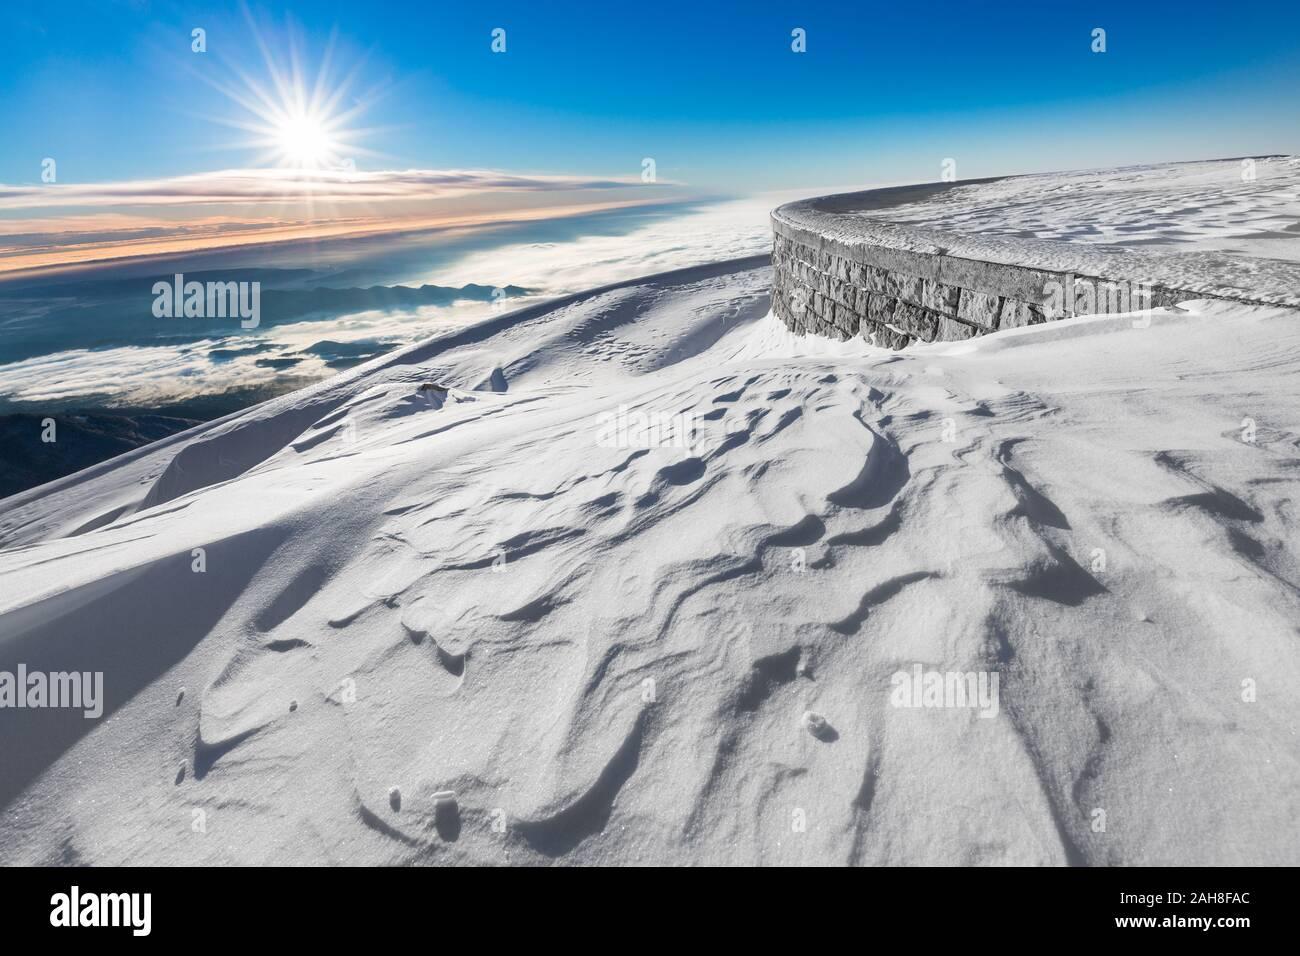 Amplia vista angular del paisaje montañoso cubierto de nieve al amanecer Foto de stock